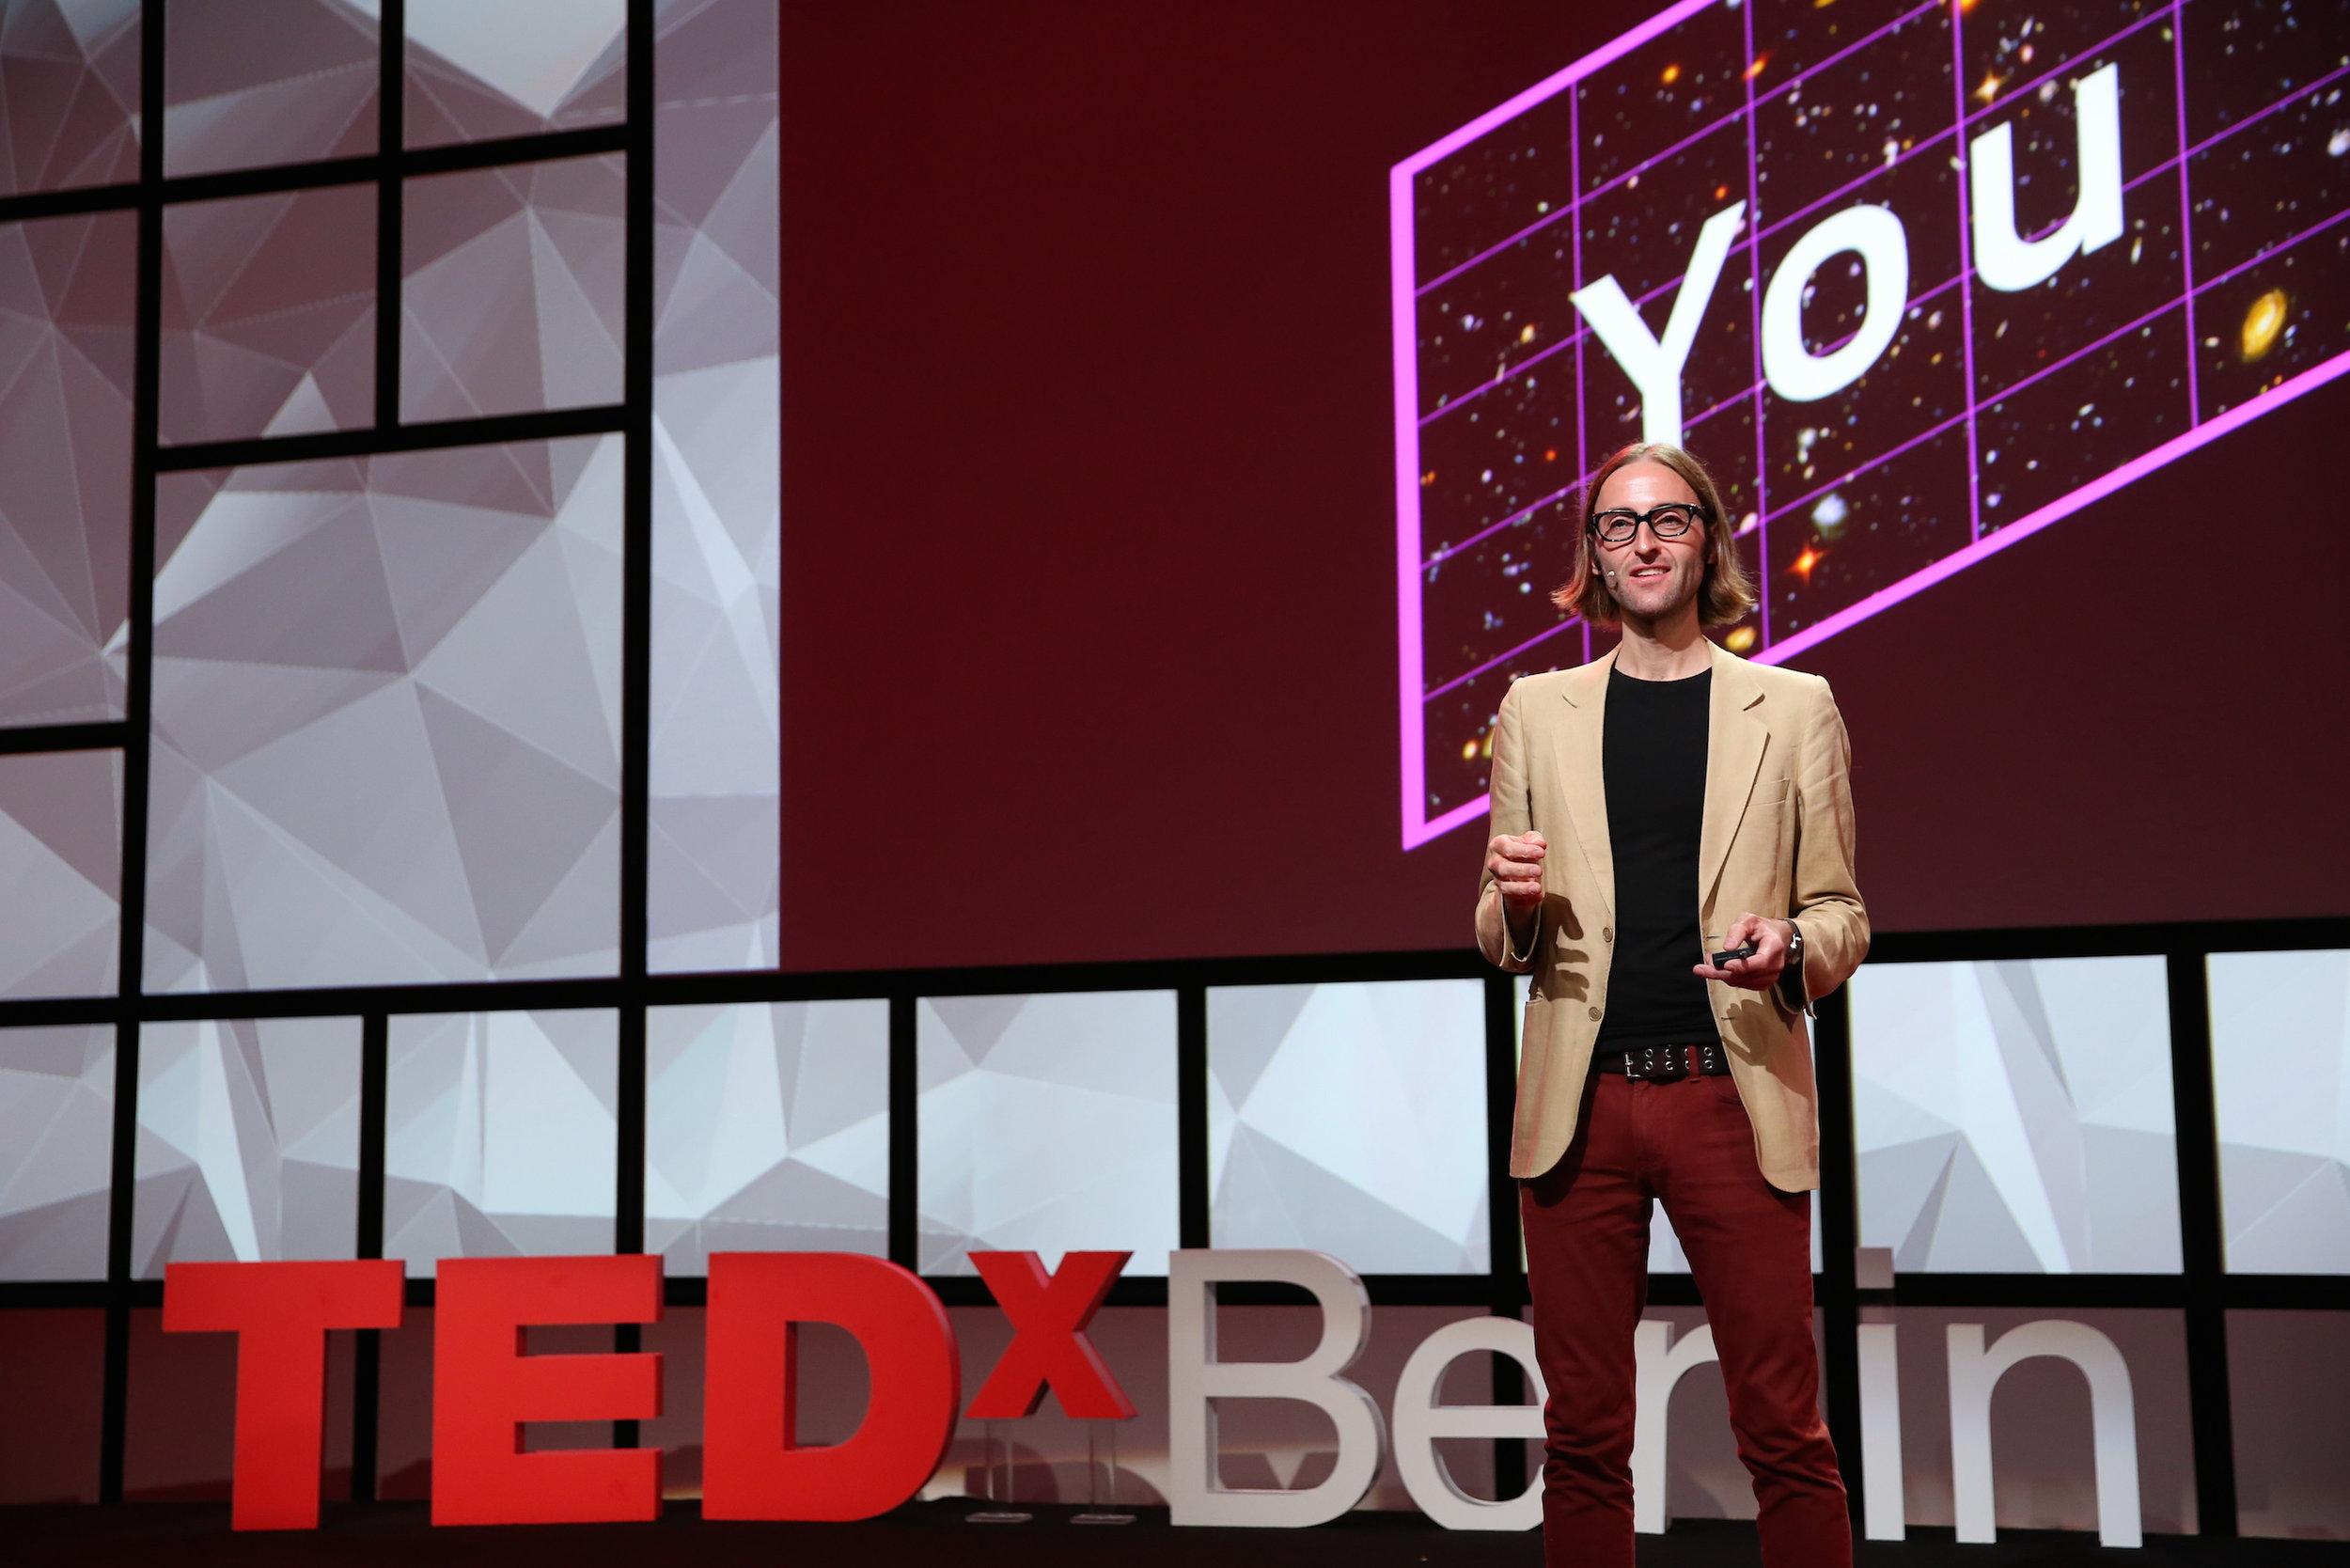 Photo: TEDxBerlin / Sebastian Gabsch